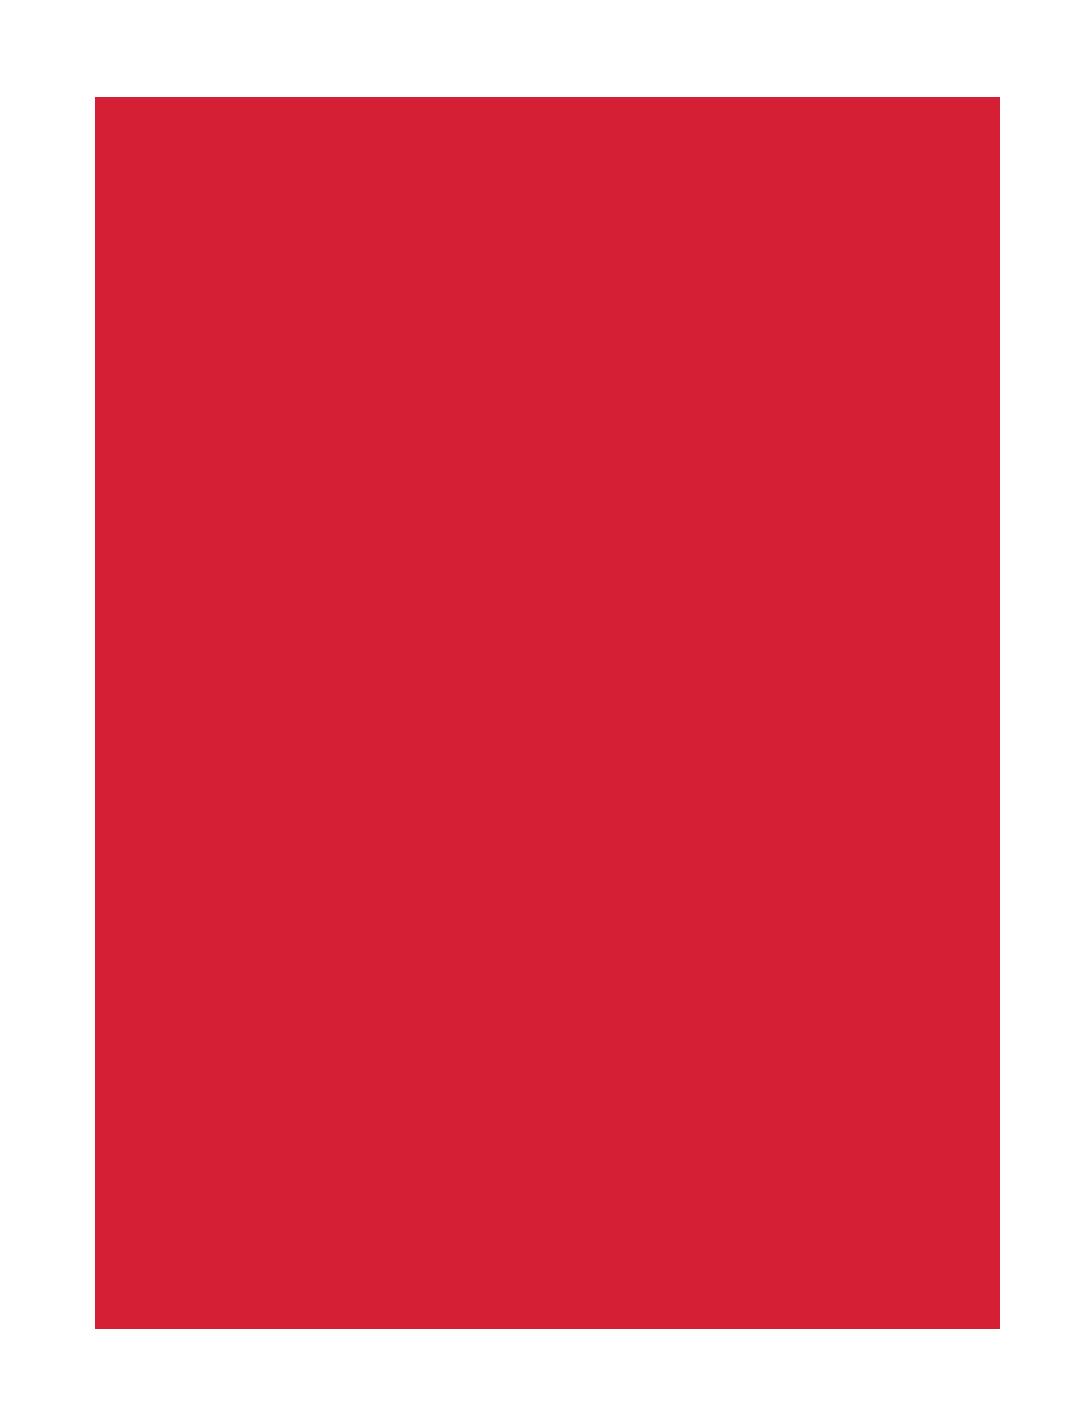 red uic logo